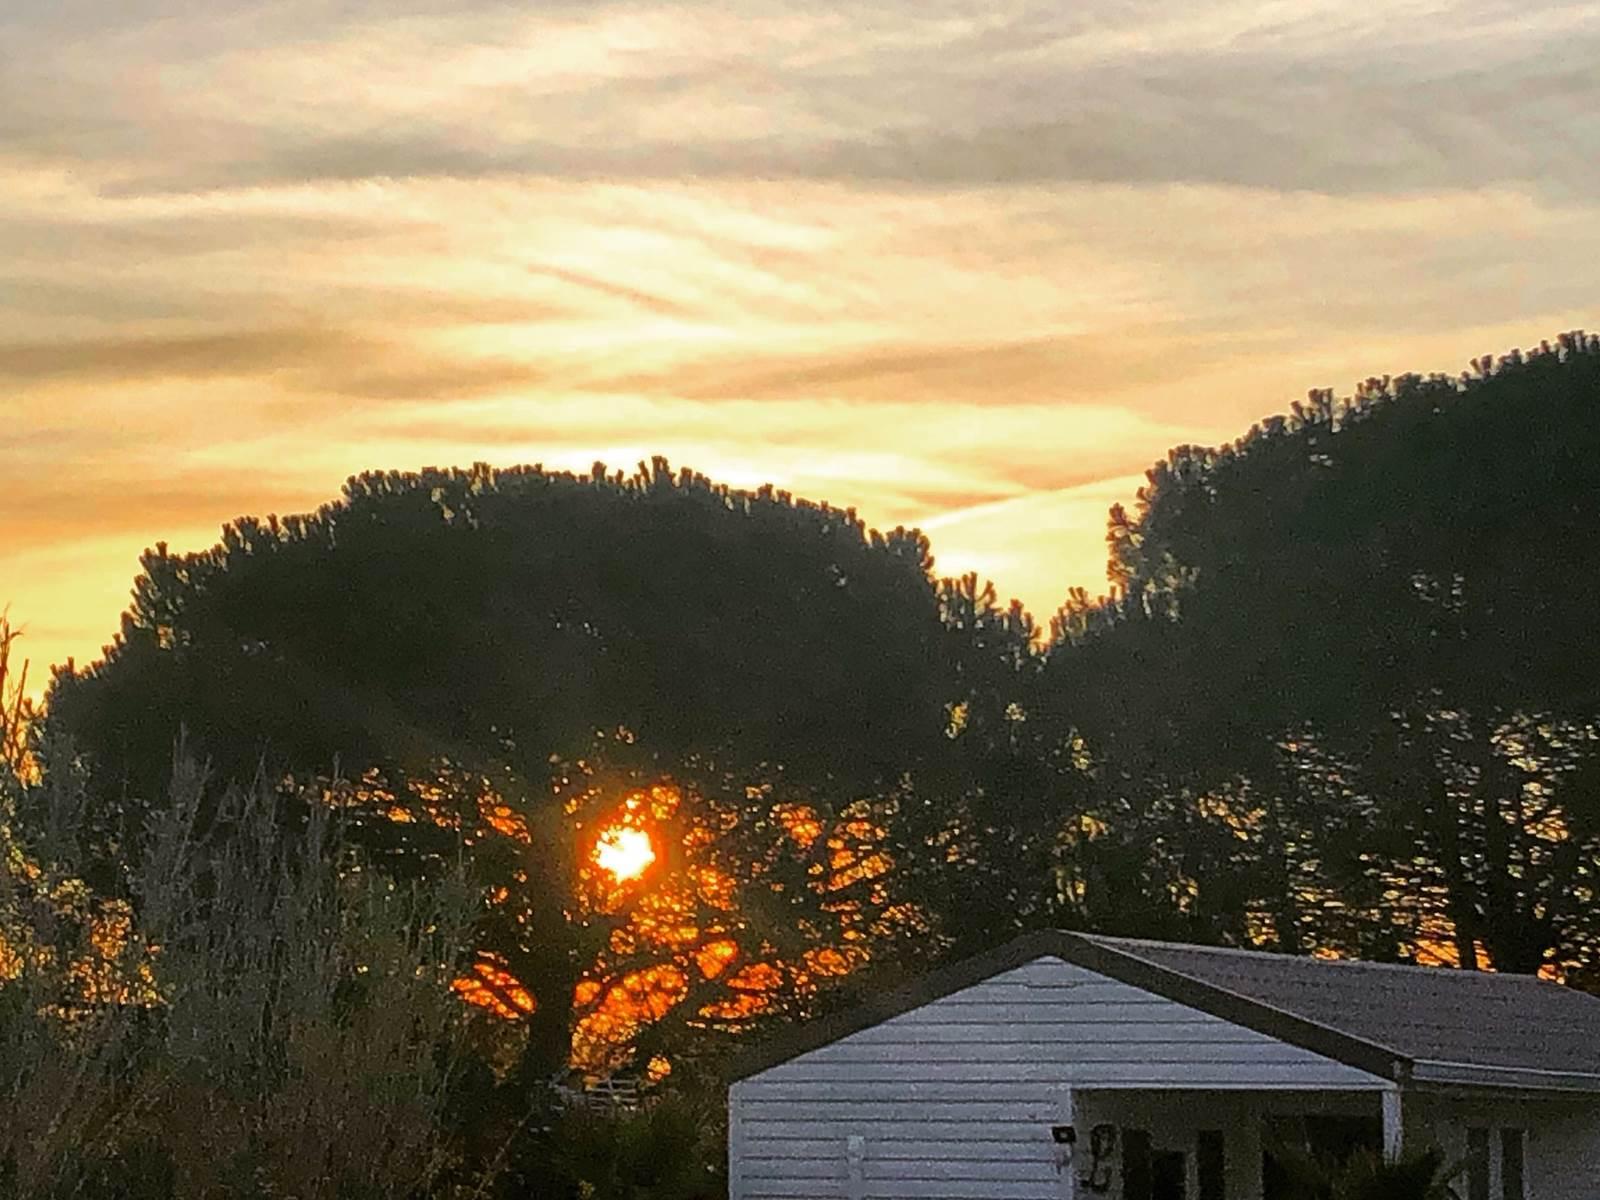 lever du soleil sur la maisonnette